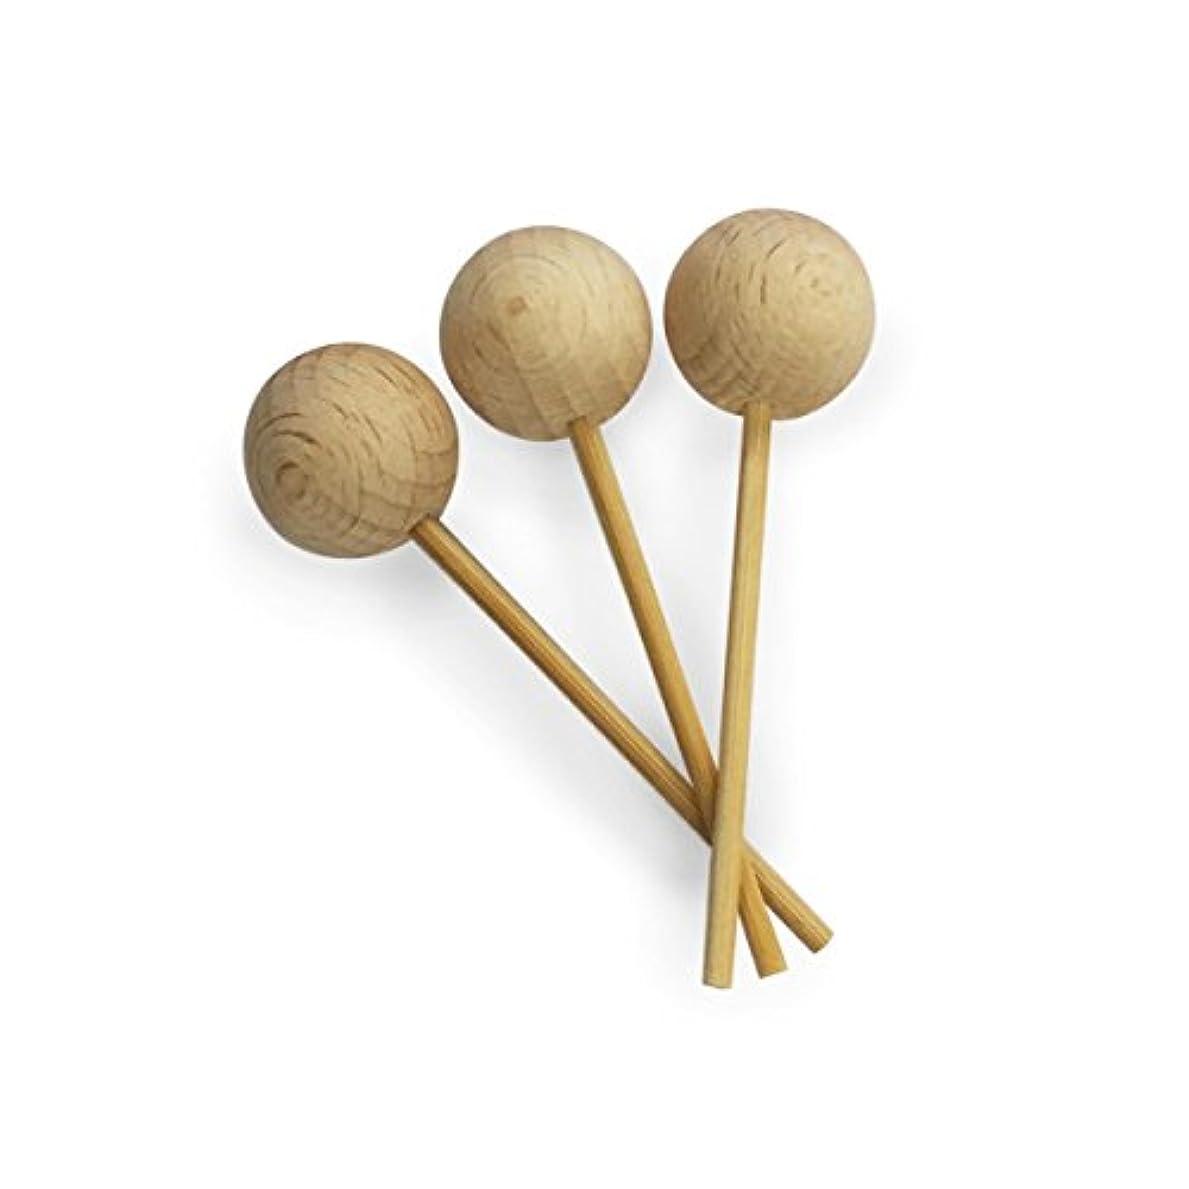 グリル余計な観光に行くカリス成城 アロマ芳香器 木のお家 交換用木製スティック3本入